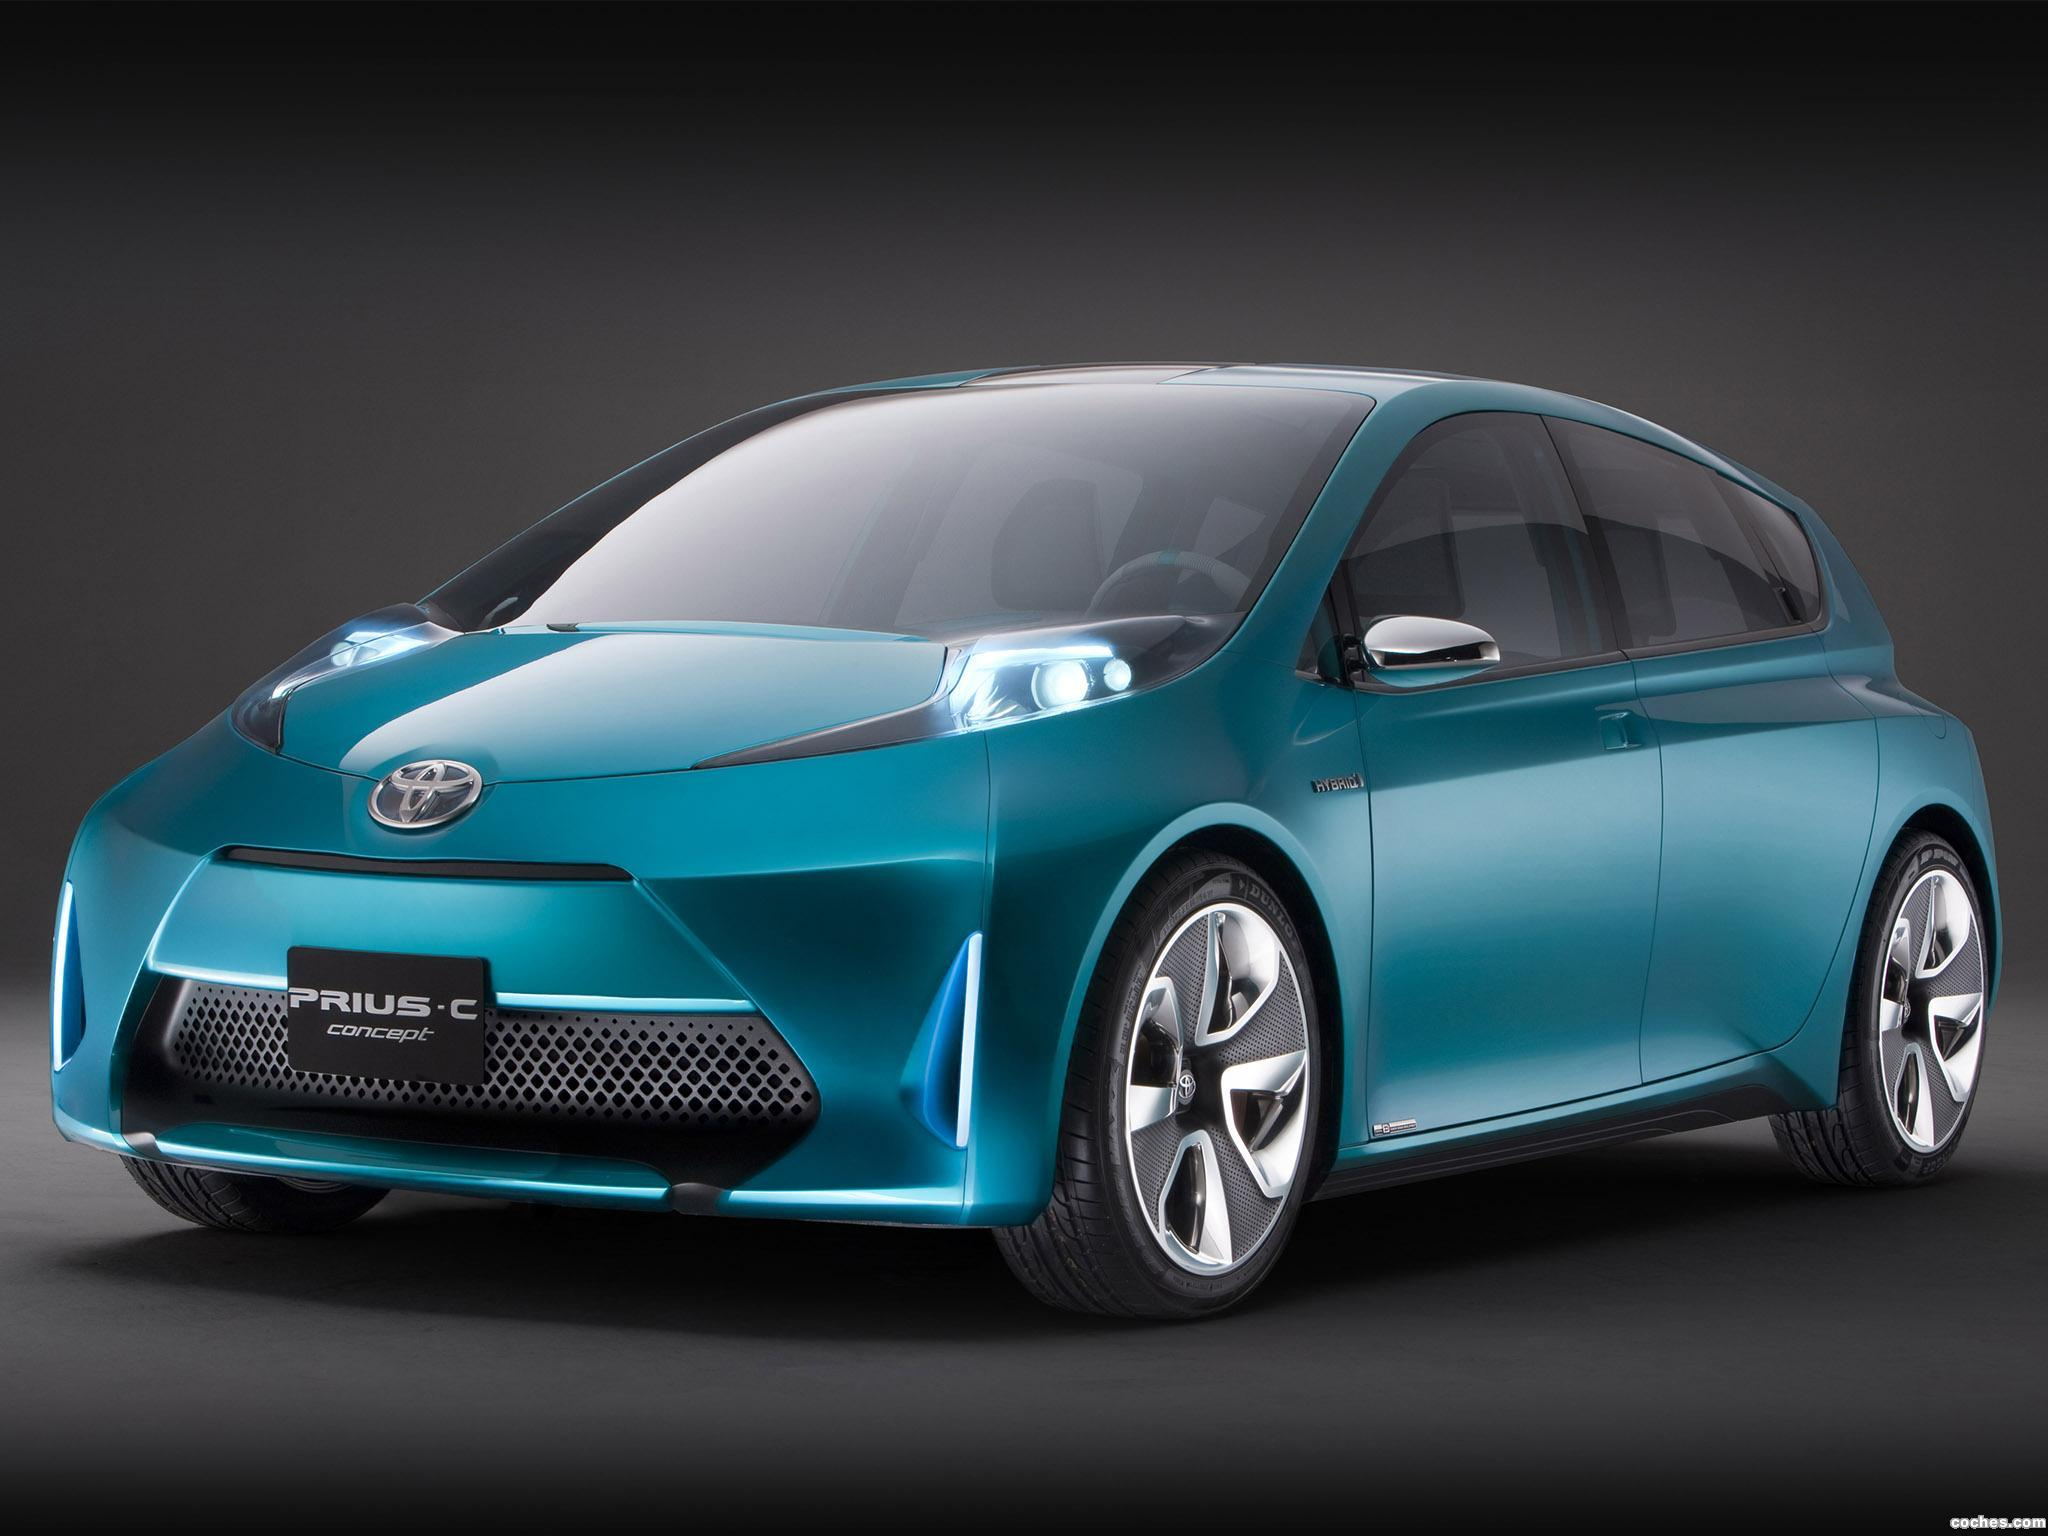 Foto 0 de Toyota Prius C Concept 2011